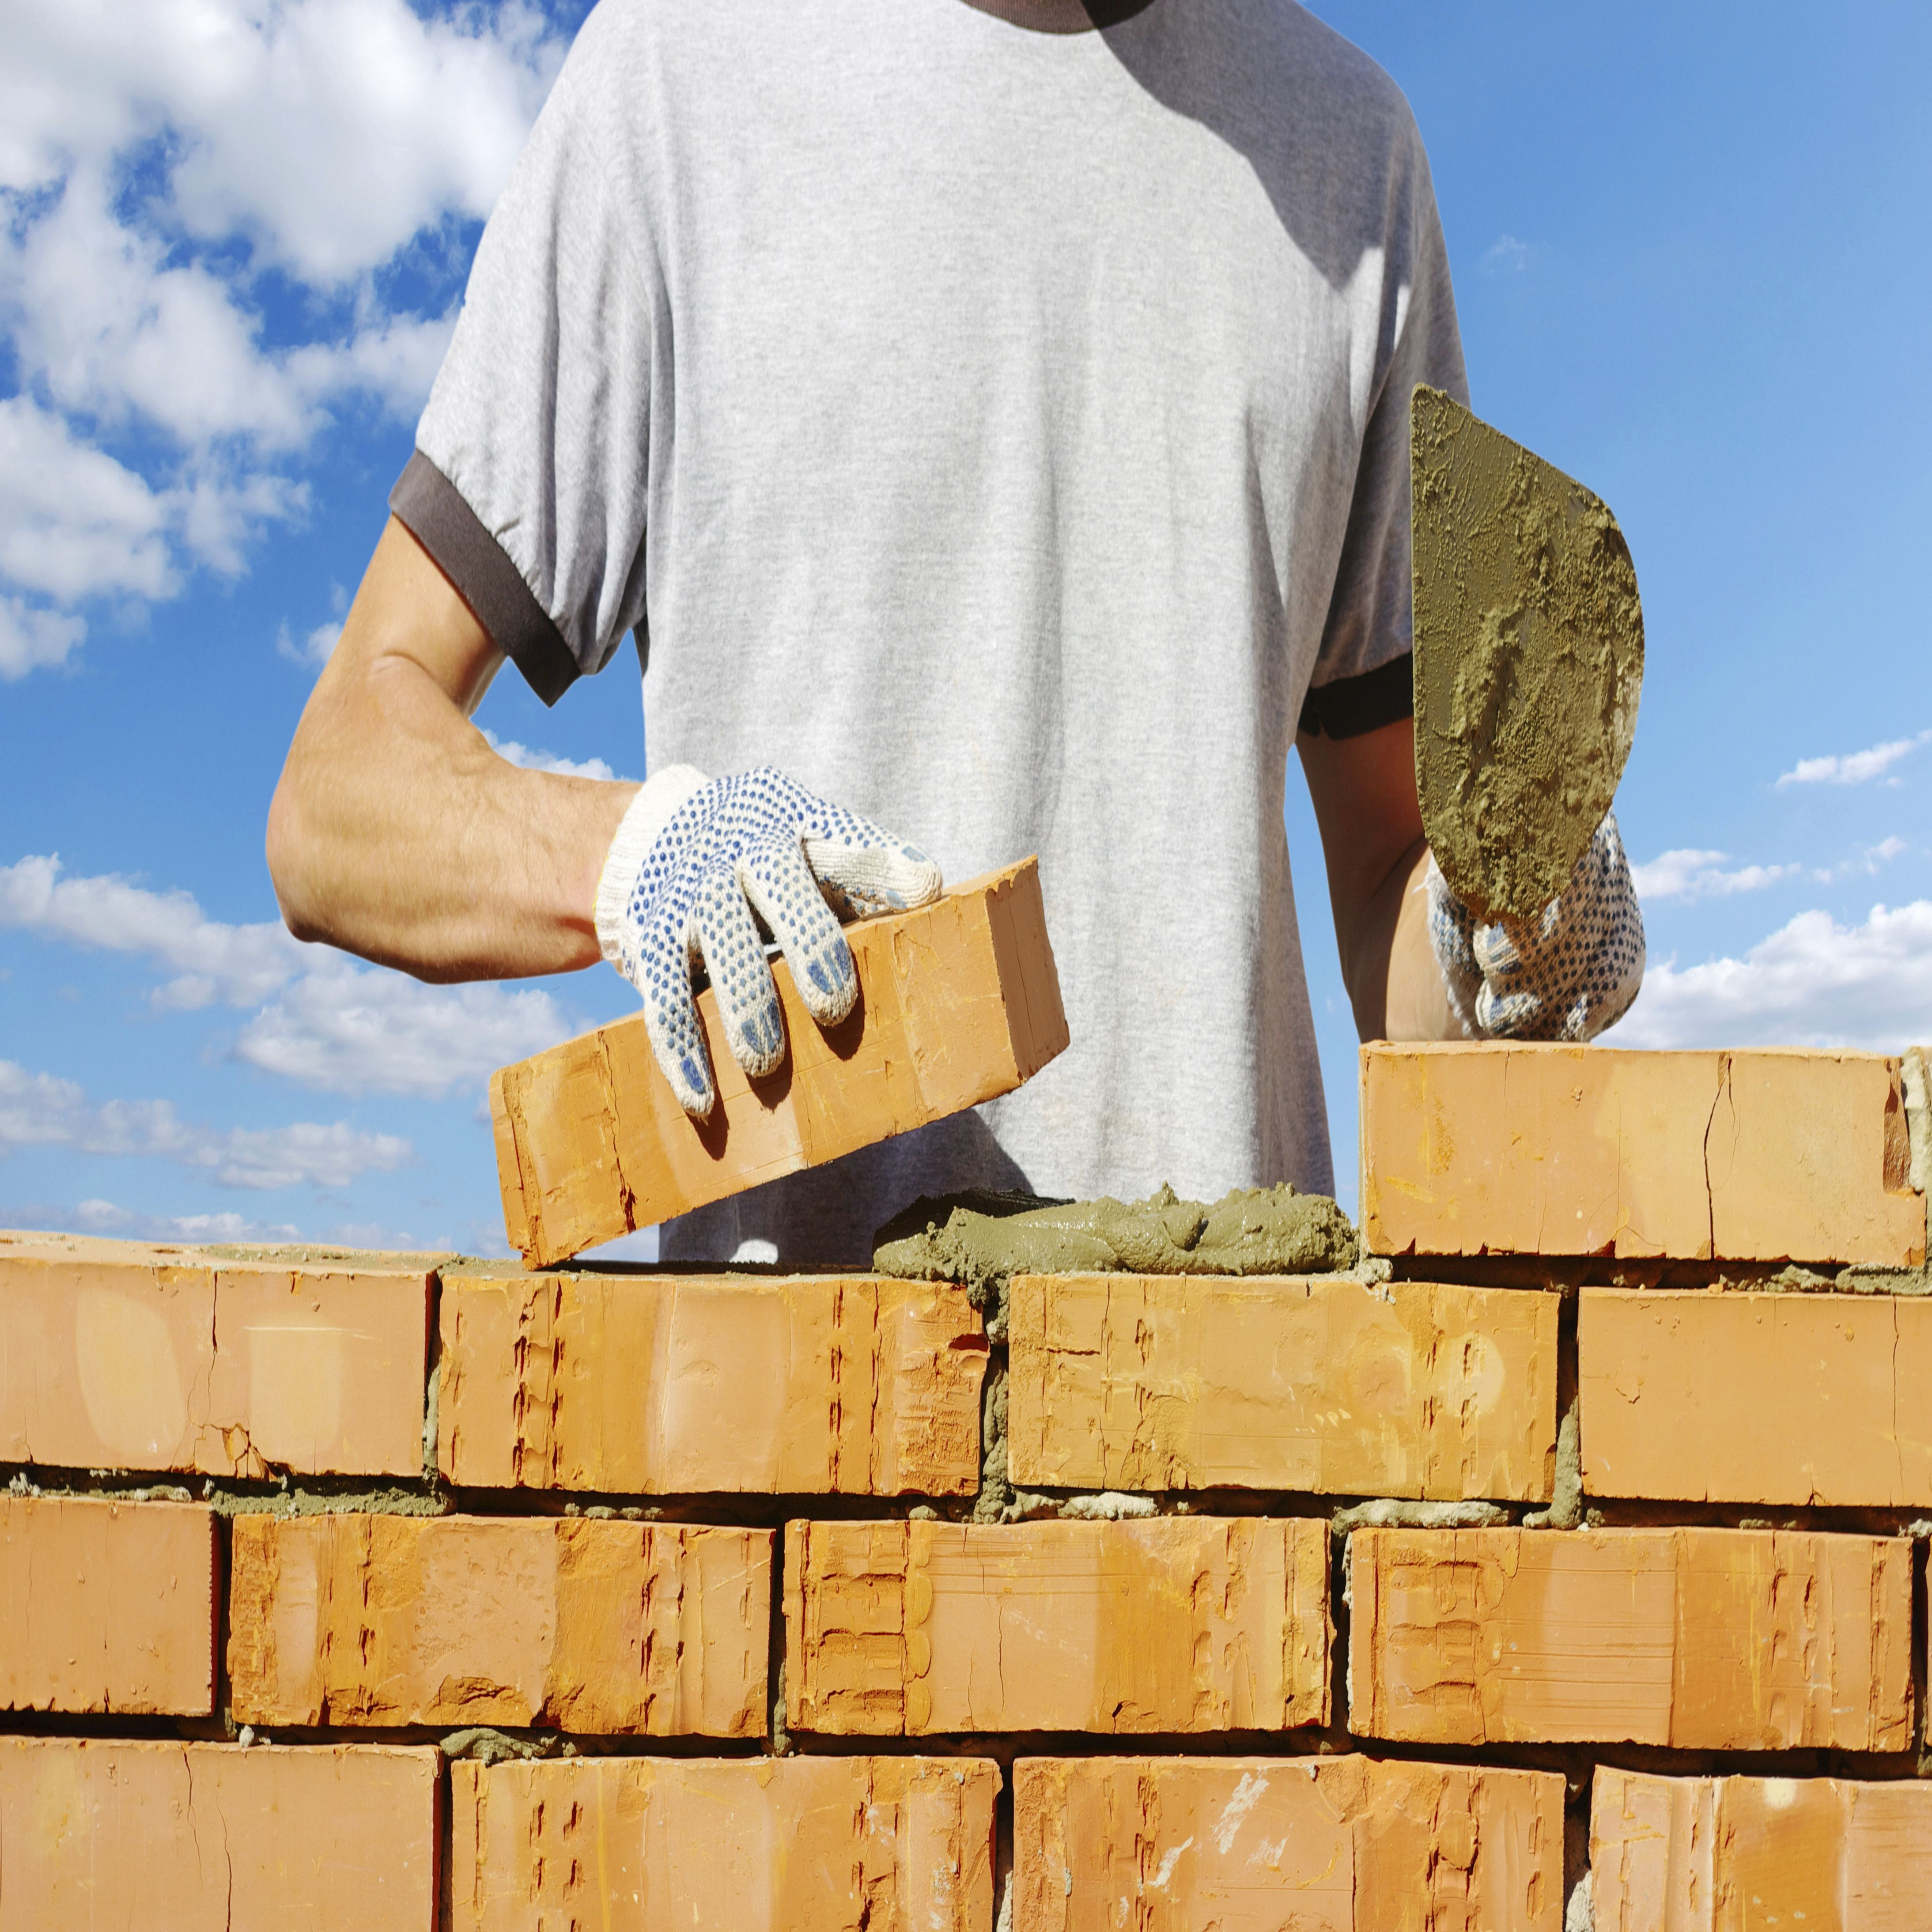 Construcción obra nueva: Productos y Servicios de Construcciones Rujucxa